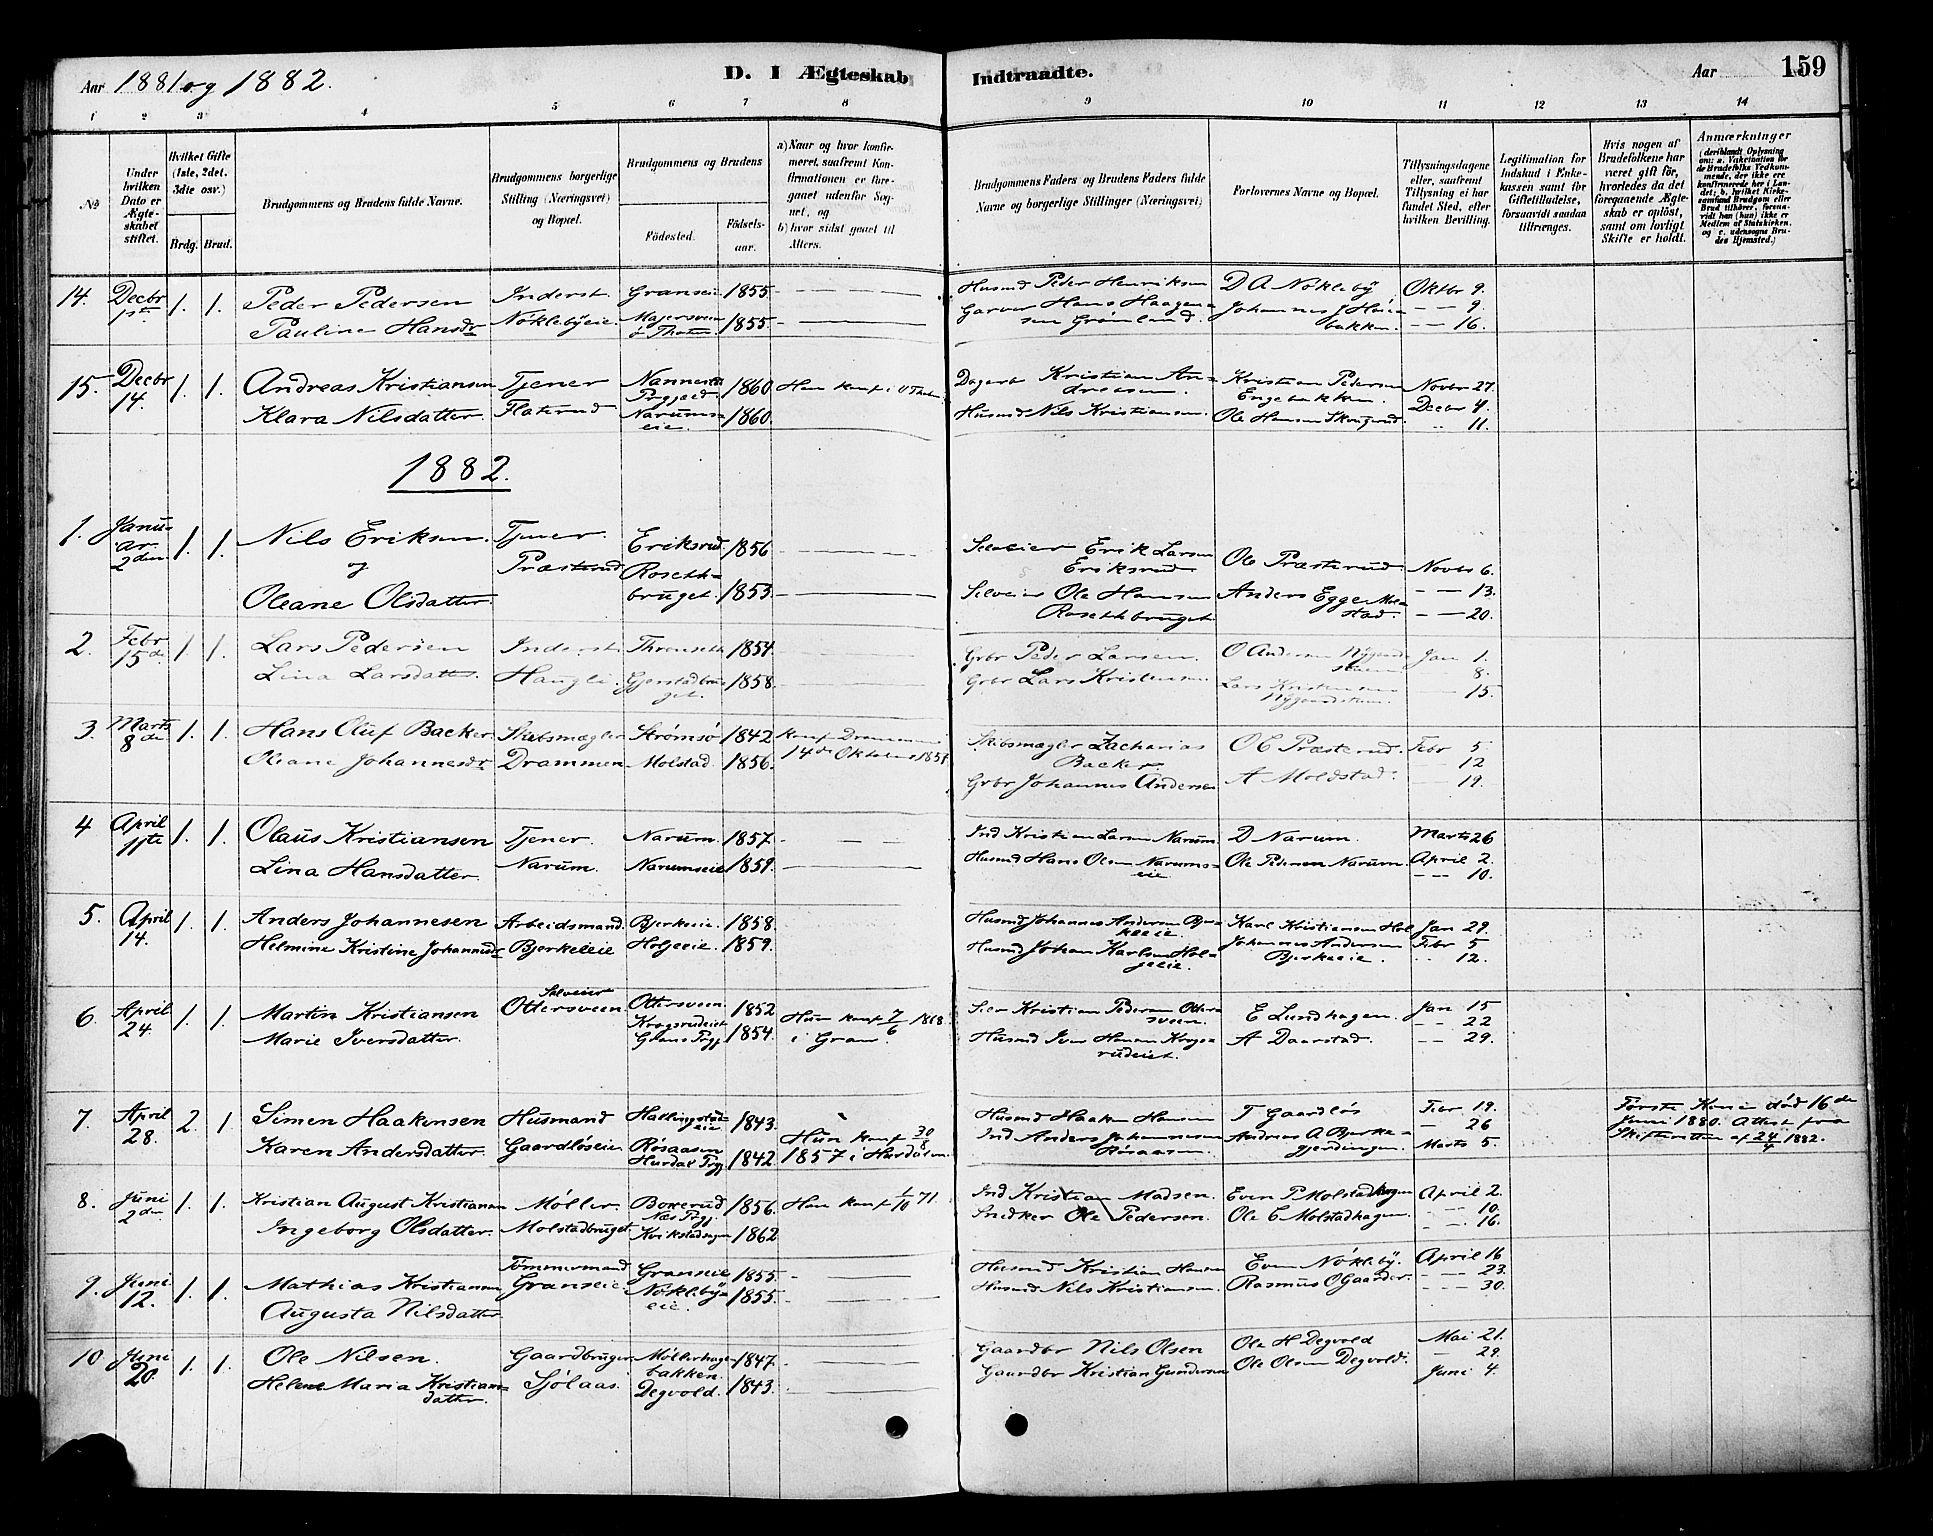 SAH, Vestre Toten prestekontor, Ministerialbok nr. 10, 1878-1894, s. 159